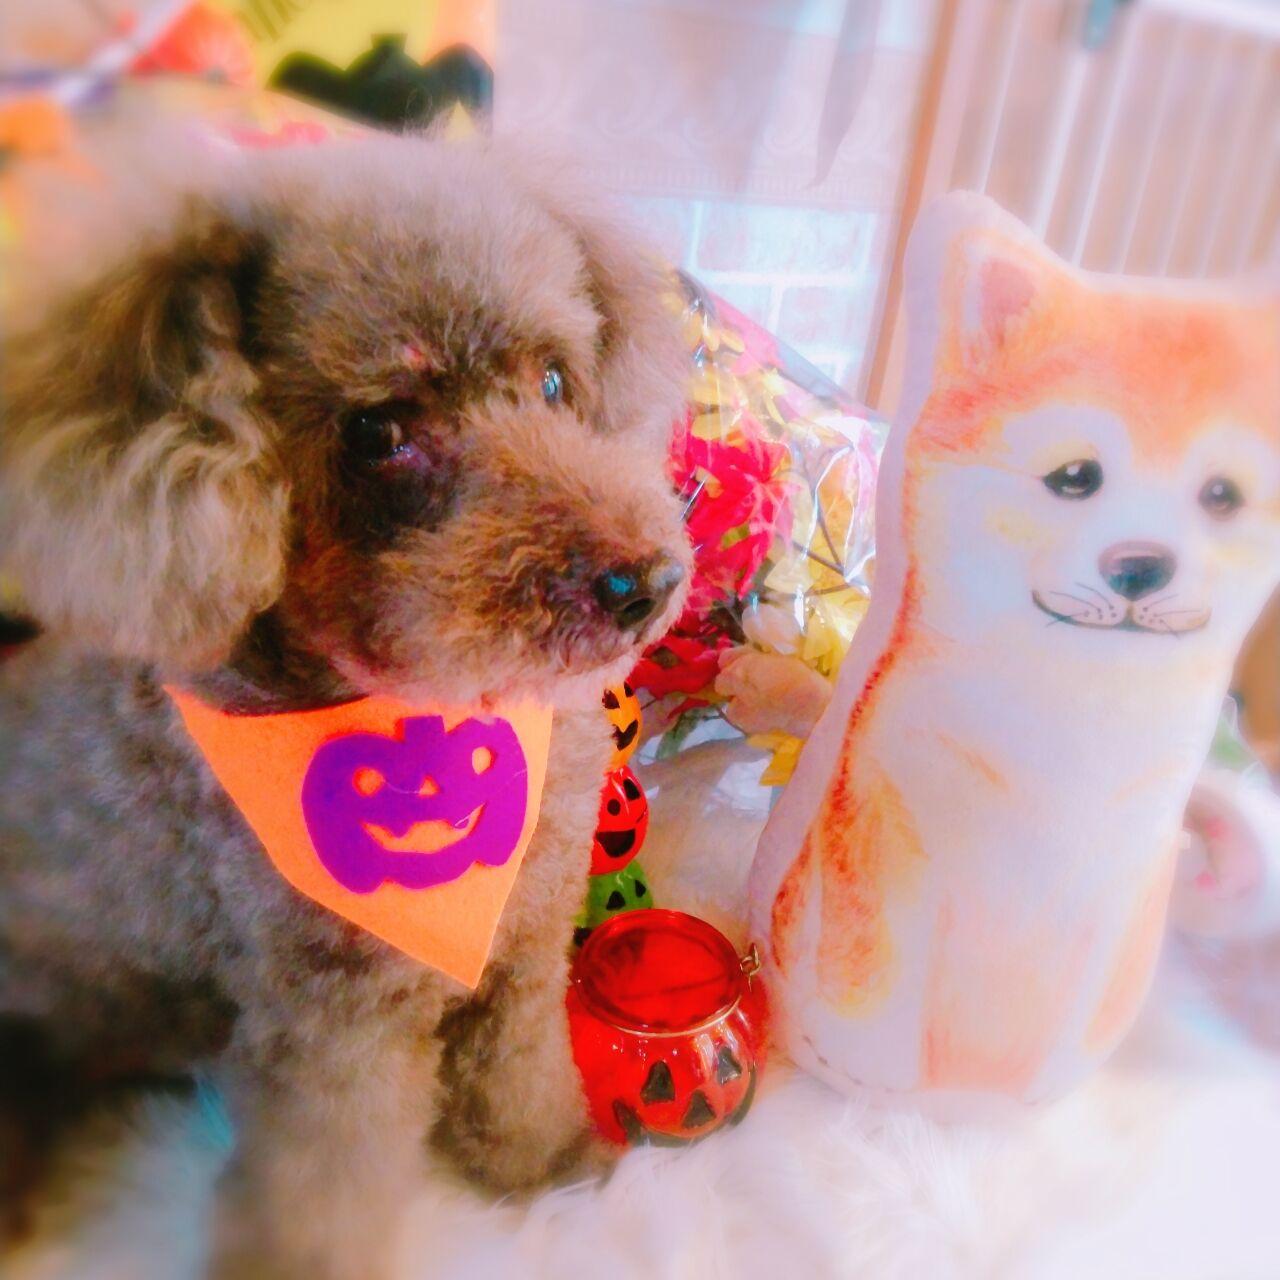 20-10-22-10-54-59-412_photo